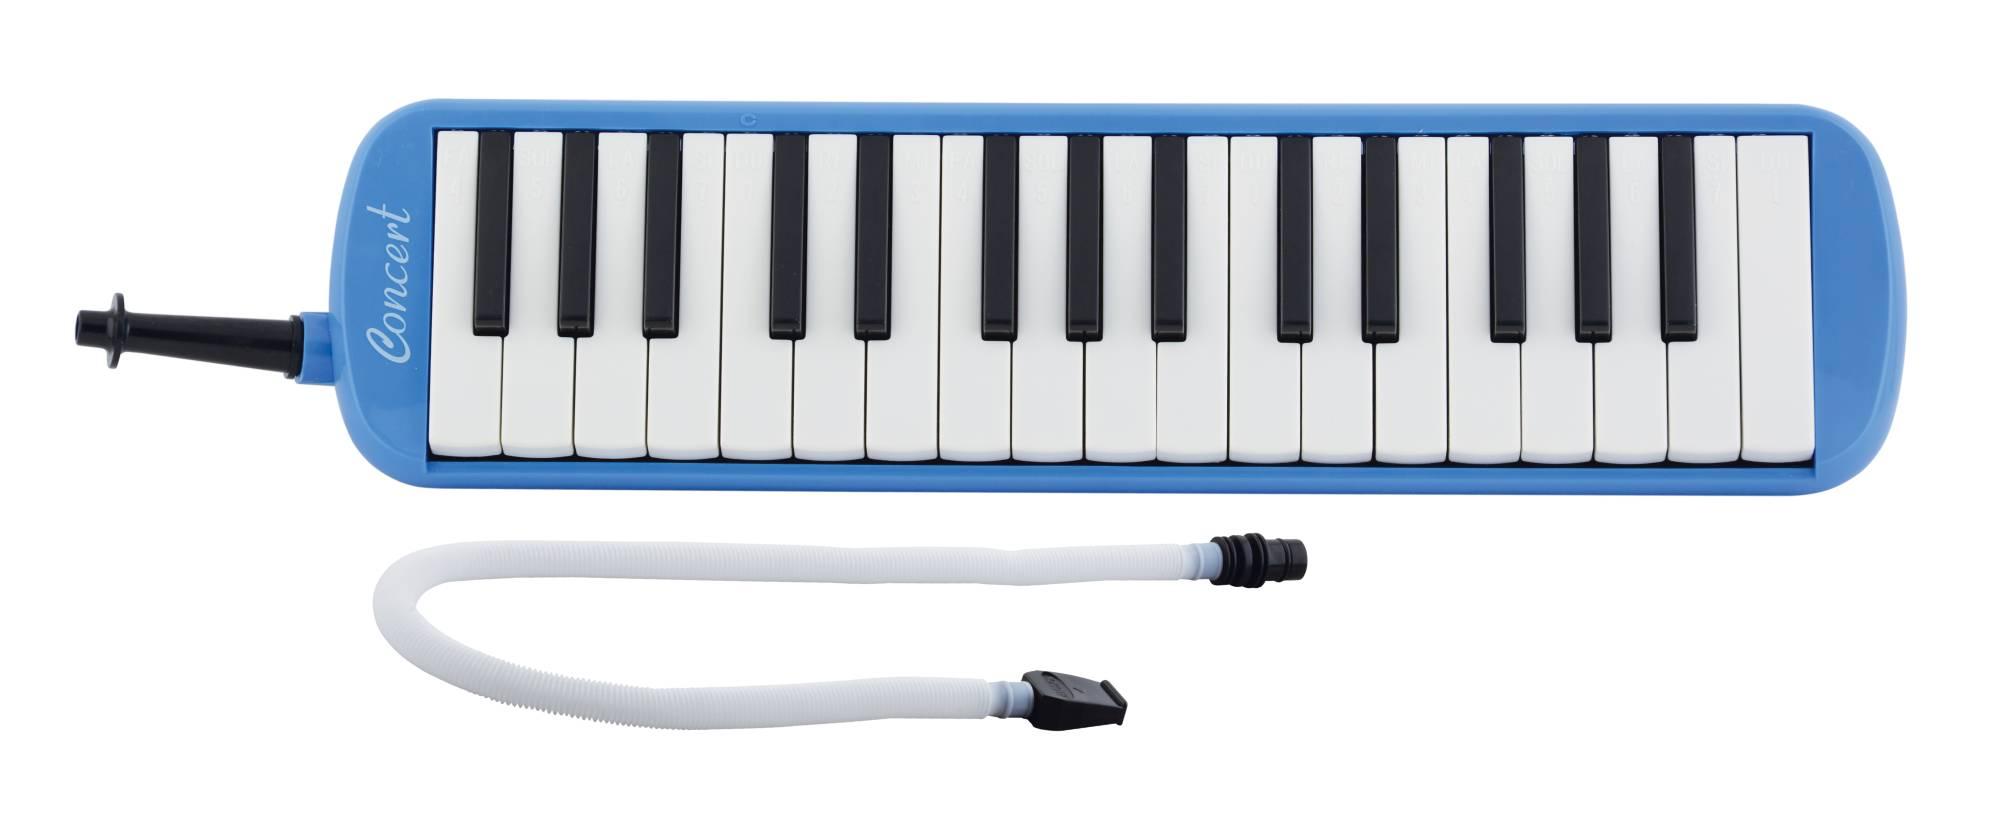 Escaleta Concert M32 Bl Azul 32 Teclas